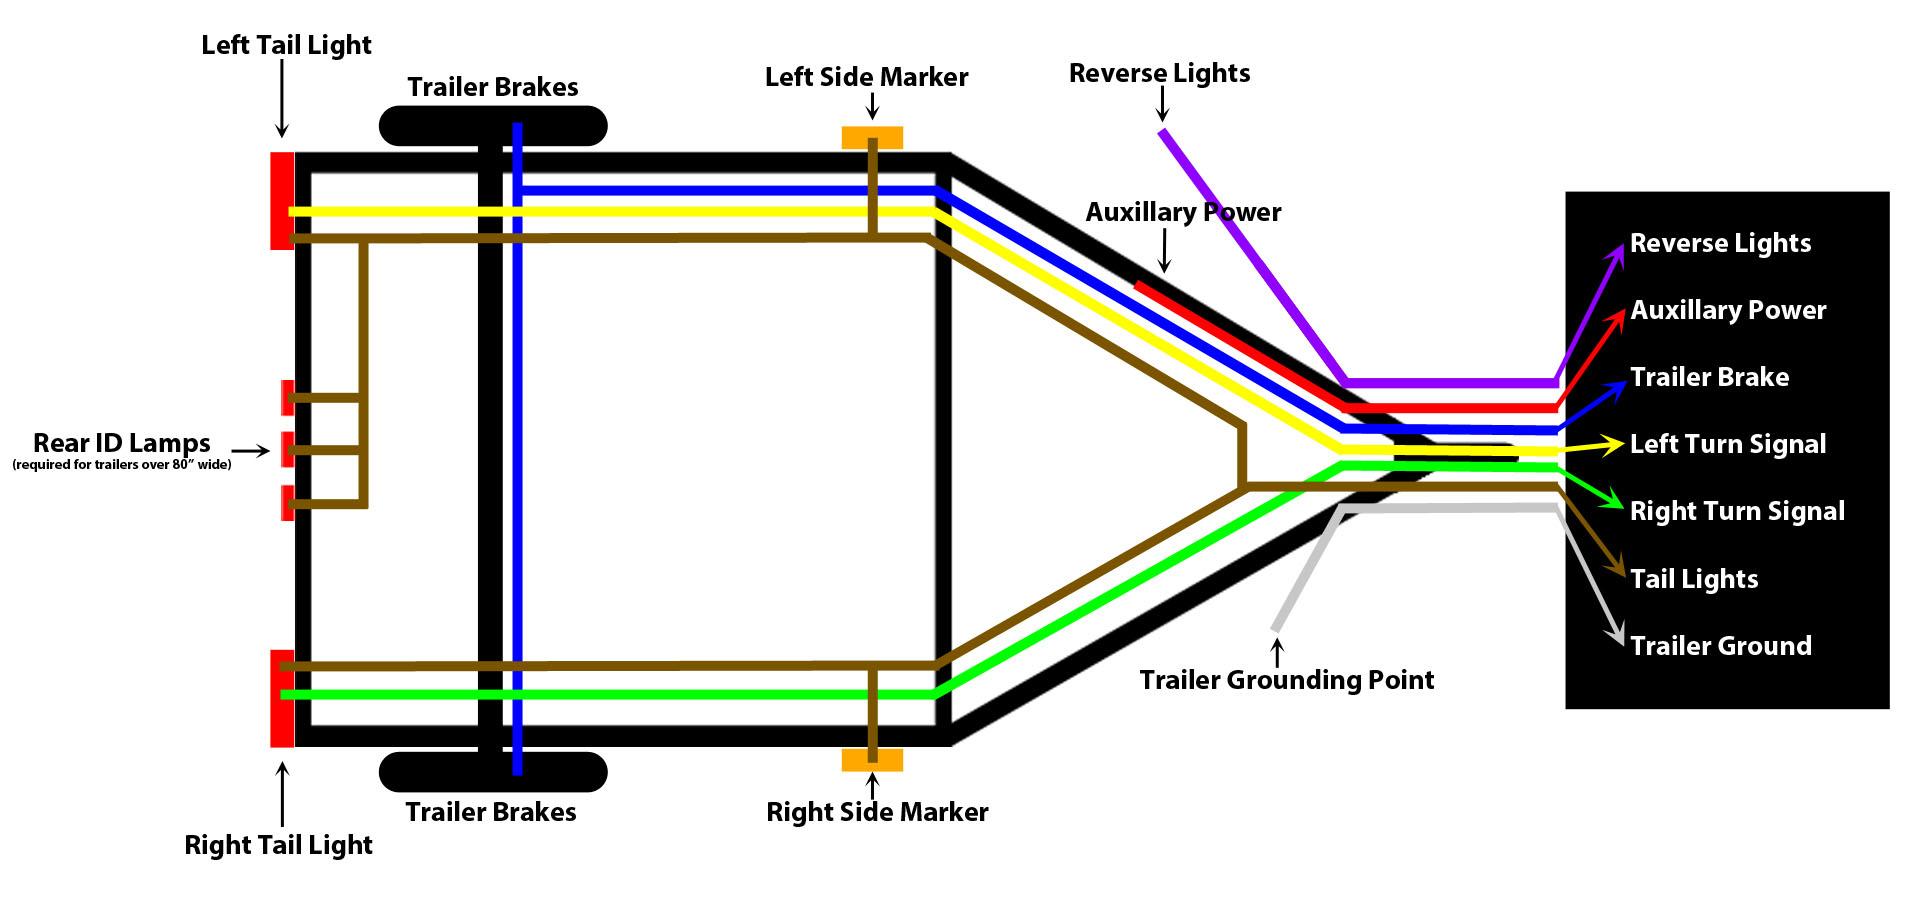 4 Pin Flat Wiring Harness Diagram - Wiring Diagram Data - 7 Pin Wiring Diagram